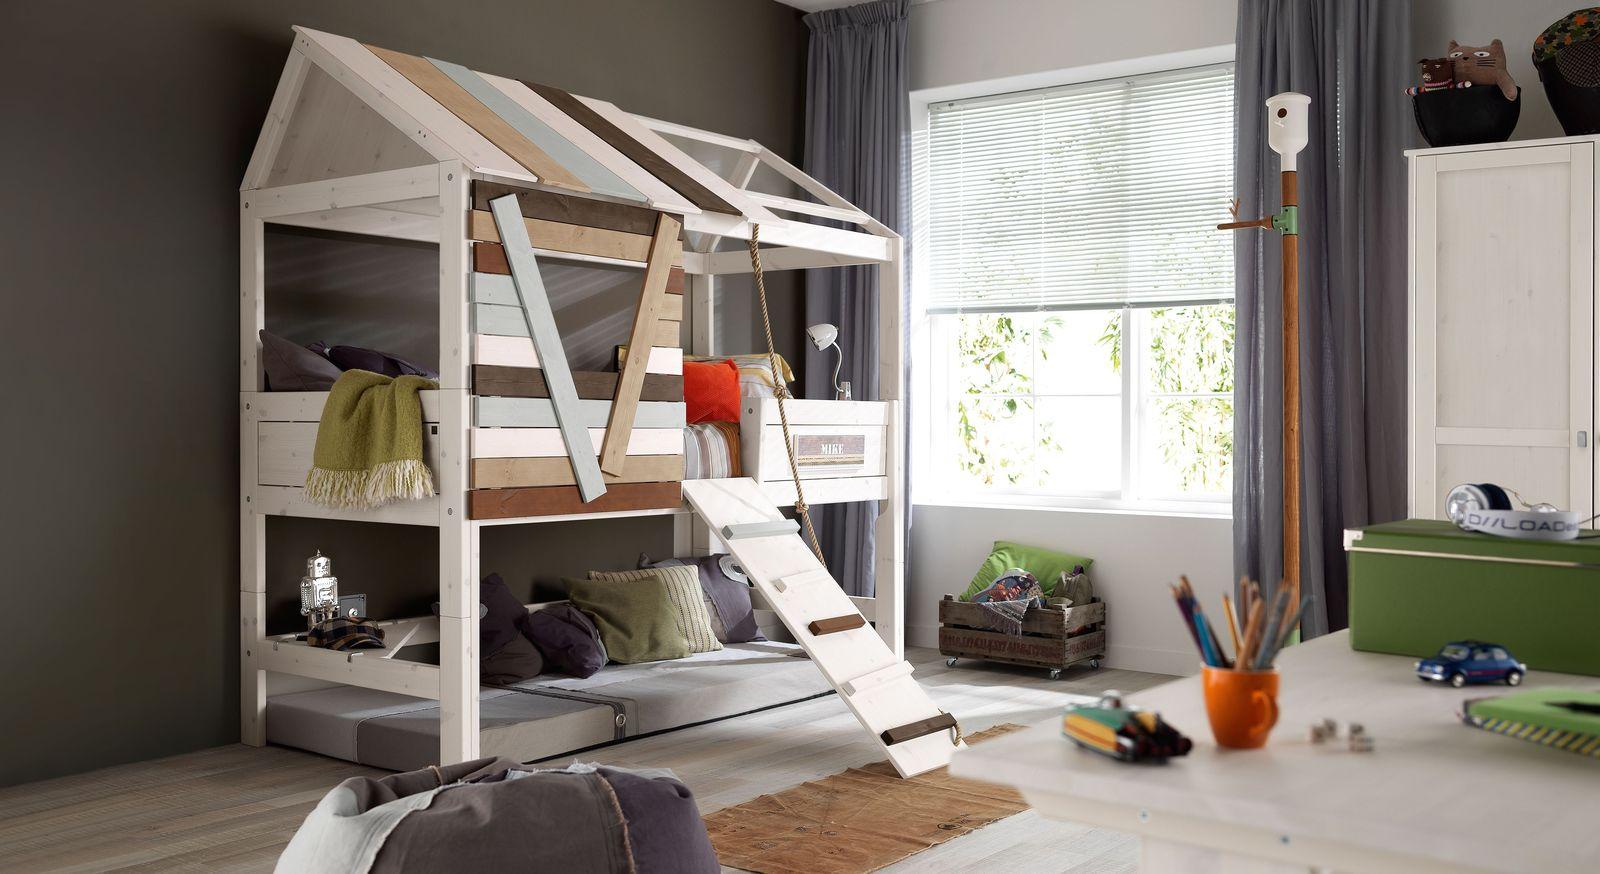 Etagenbett Eingebaut : Hochbetten für das kinderzimmer u2013 erfahrungswerte